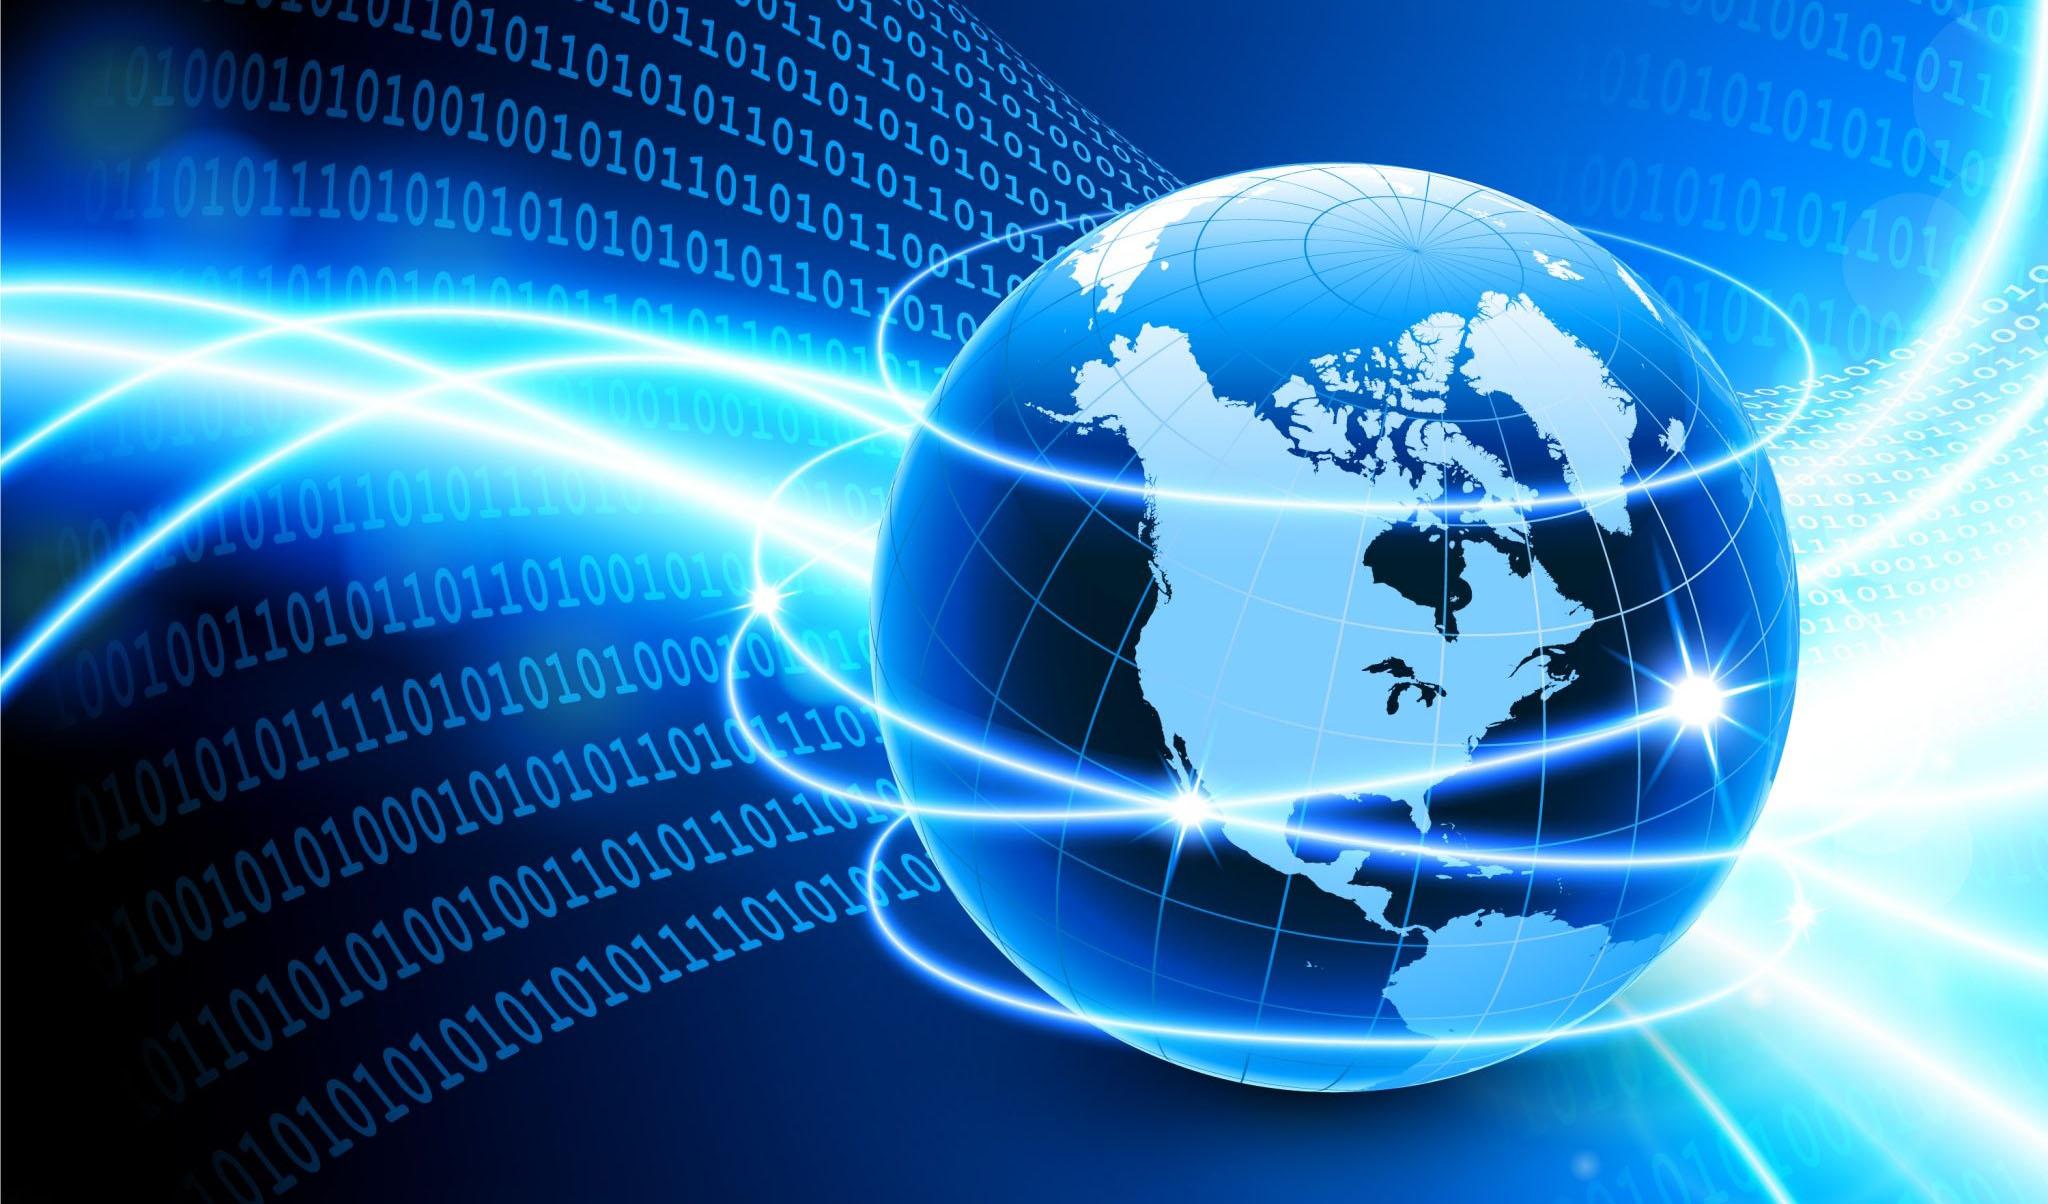 کشورهای دارای بالاترین سرعت اینترنت همراه در جهان